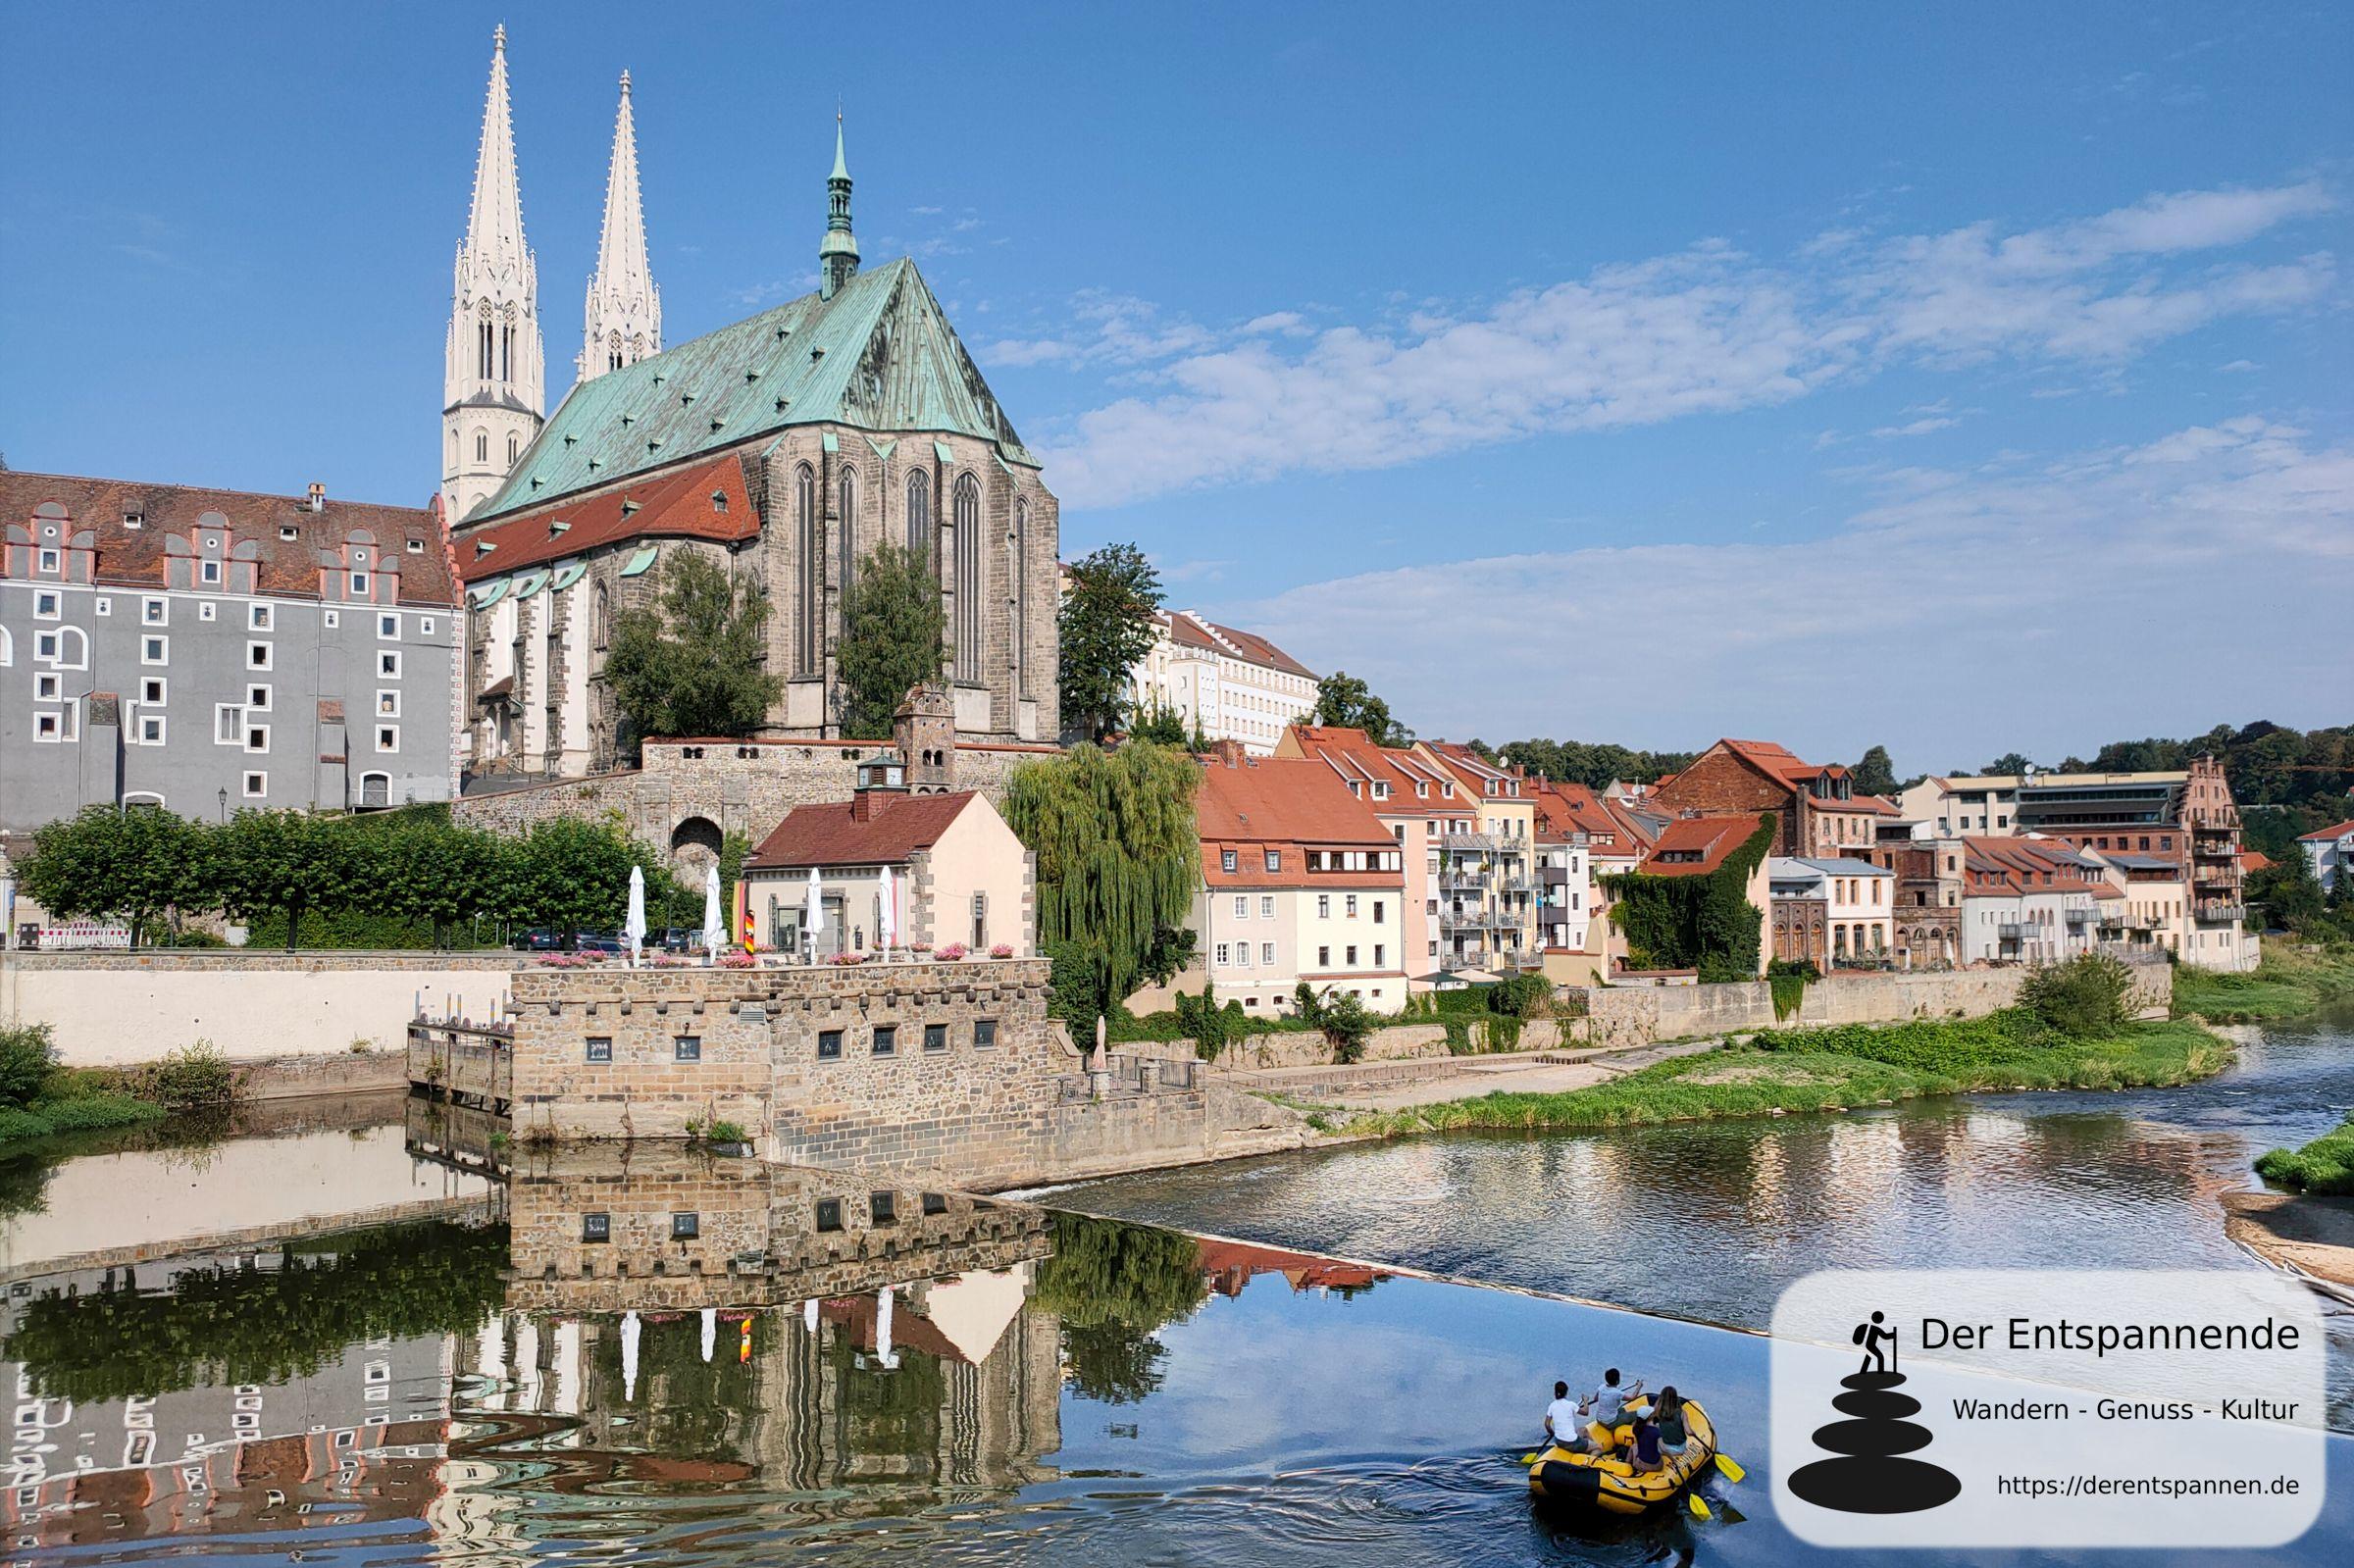 Via Sacra mit Sohland, Kodersdorf, Görlitz und Kloster St. Marienthal [Werbung]